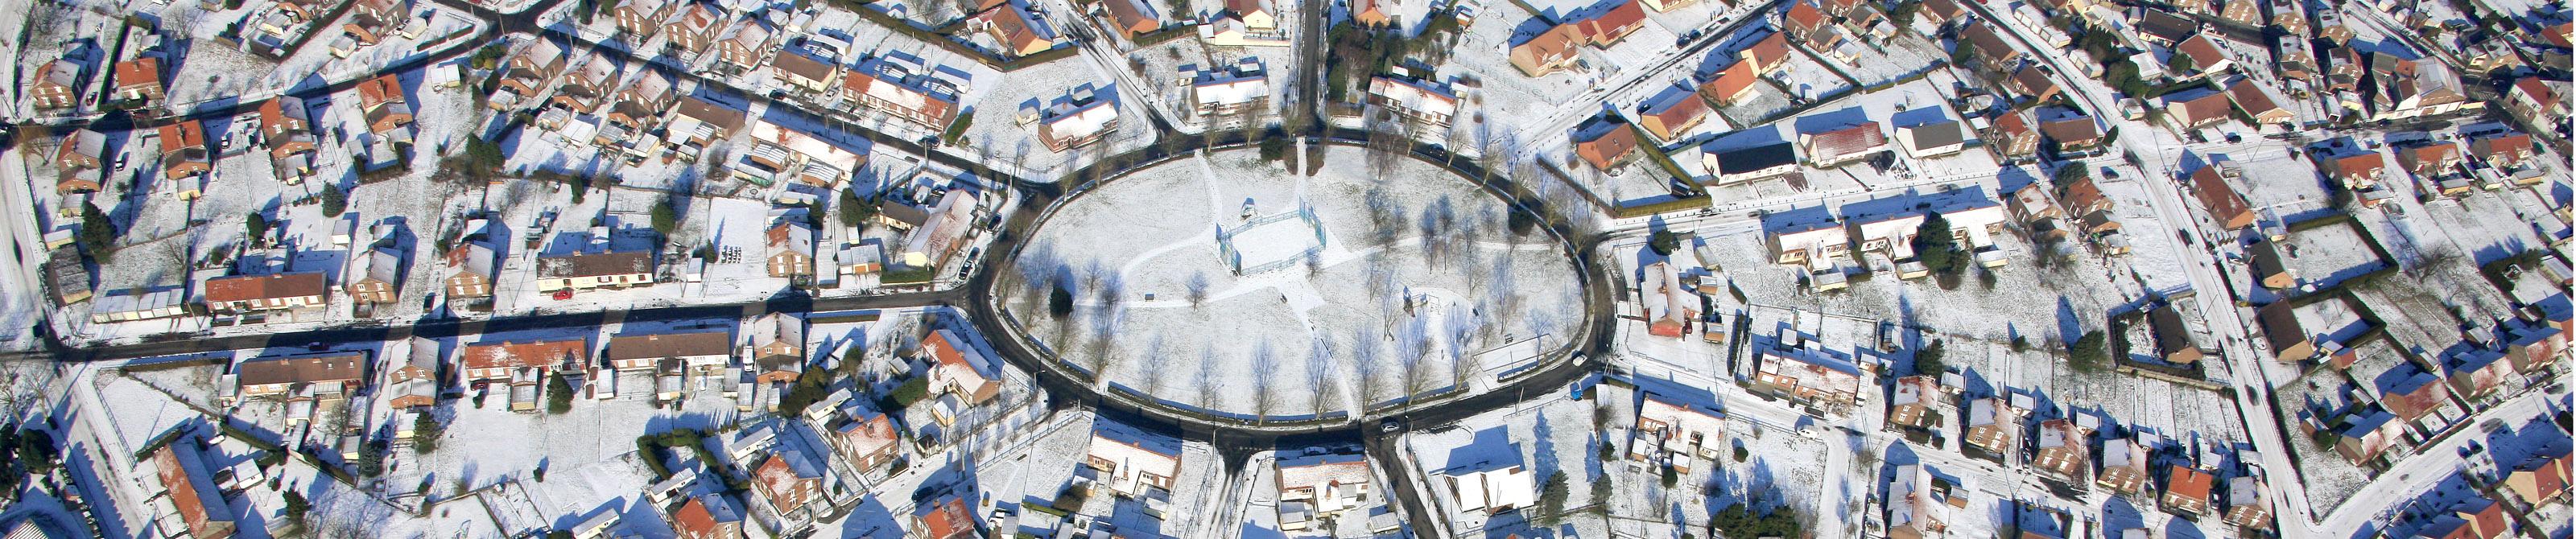 Cité Minière du Rond Point